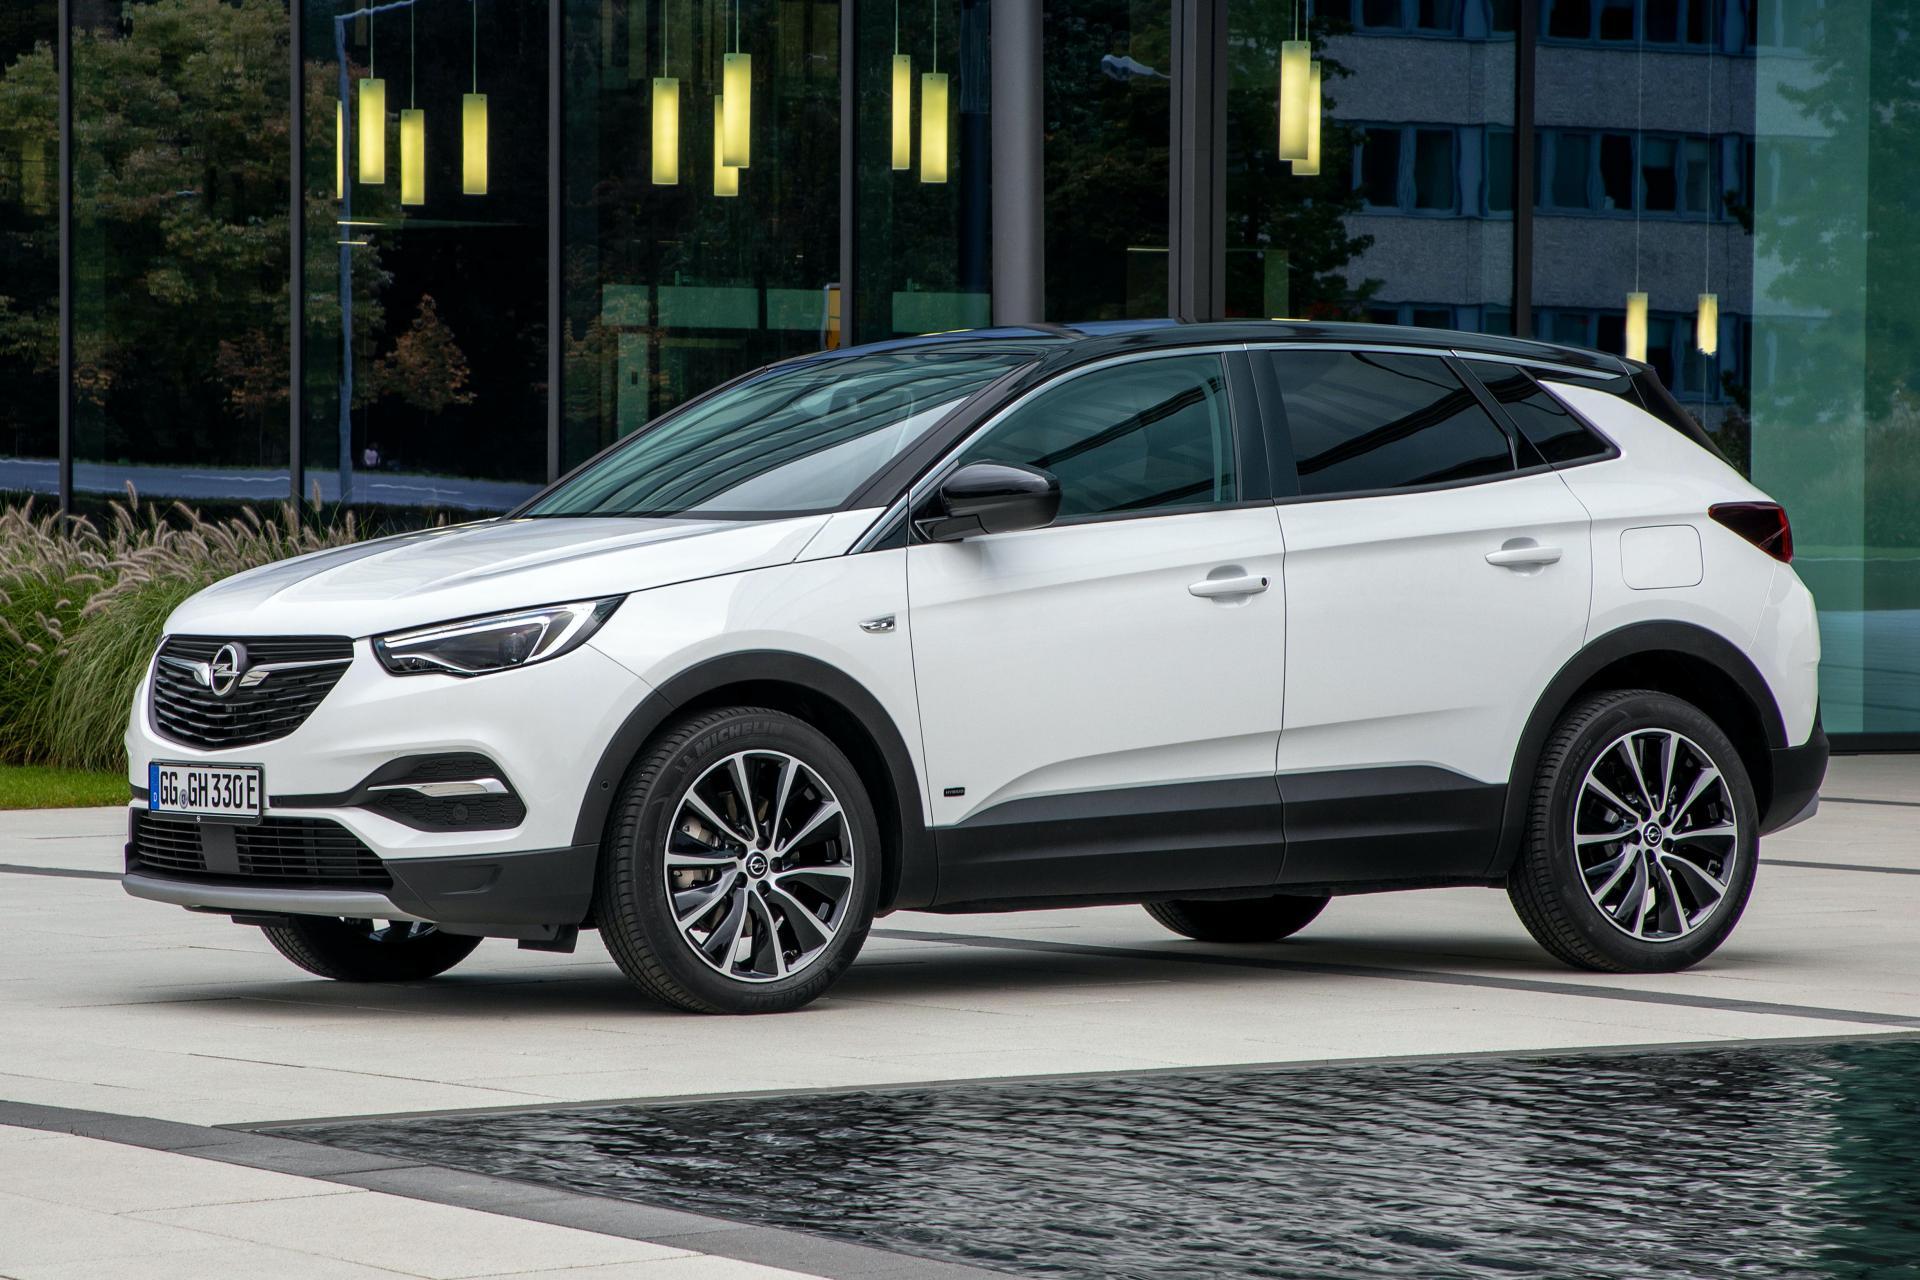 Opel Grandland X Hybrid FWD